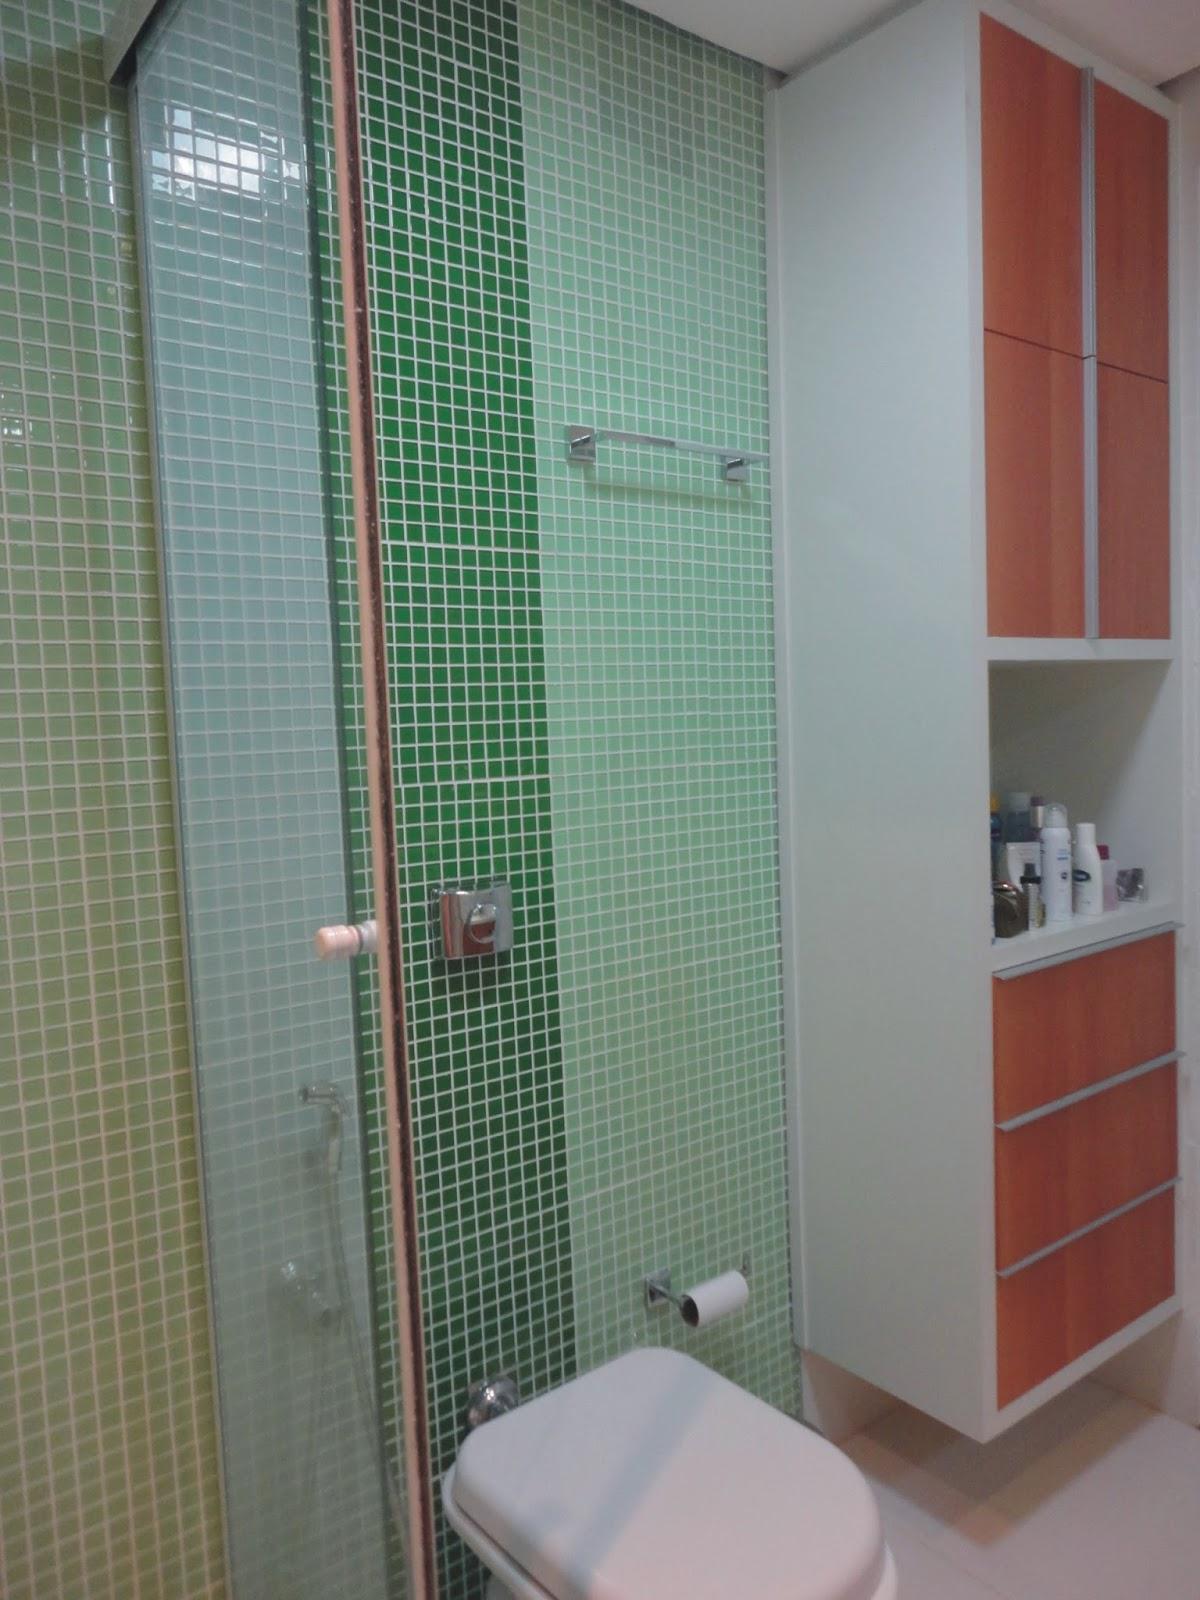 EM SP (VILA MARIANA) BANHEIROS QUARTO COM CLOSET E DESPENSA #74423A 1200x1600 Banheiro Closet